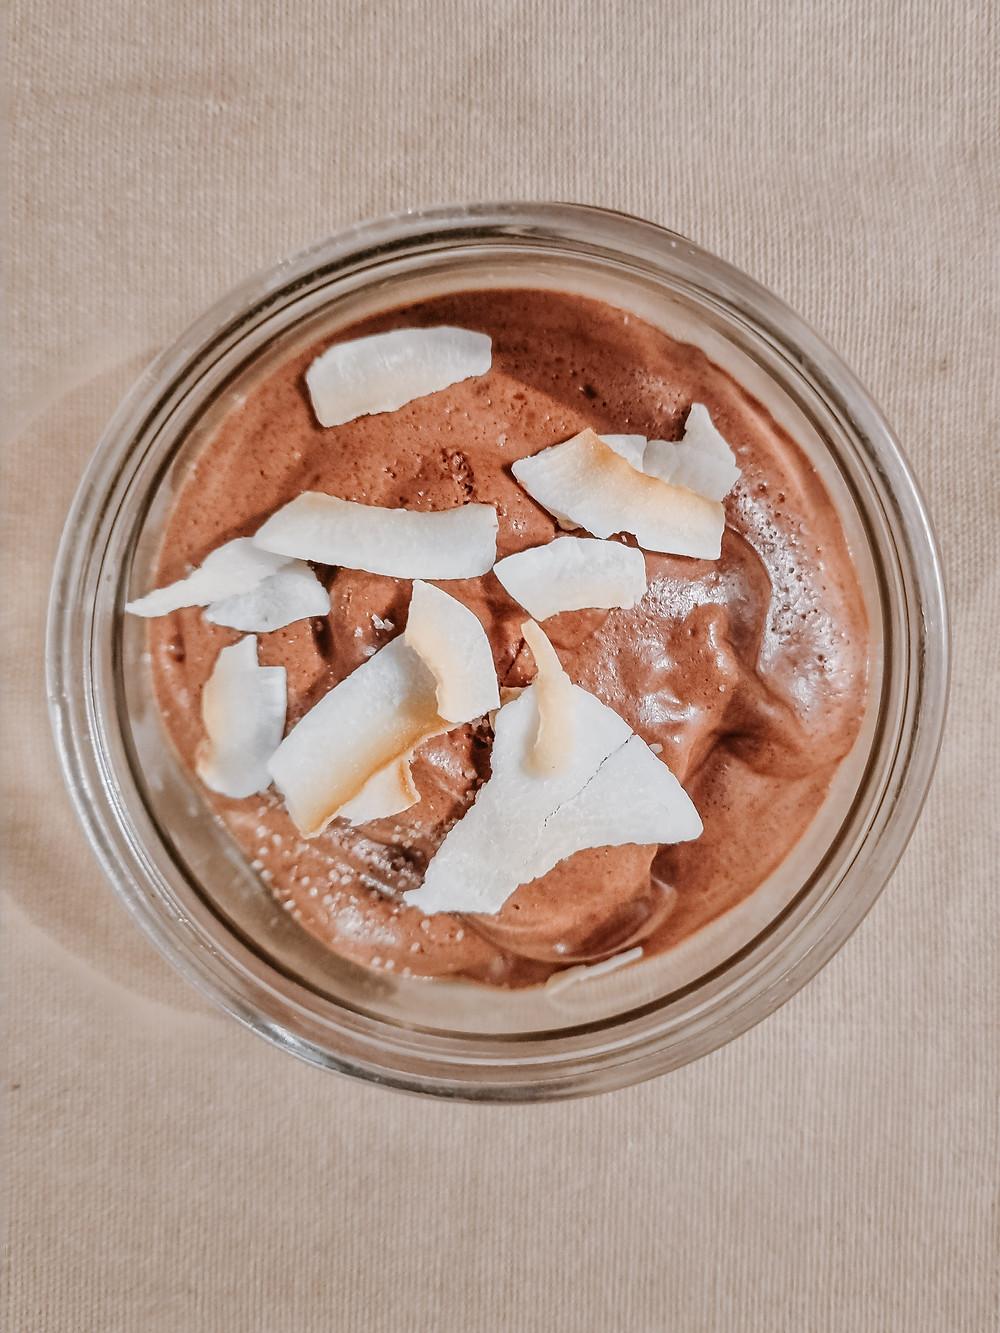 Mousse au chocolat vegan, sans oeuf ni sucre, recette vegan de radis et compagnie, le blog de recette végétarienne et healthy. Mousse au chocolat vegan avec ses copeaux de noix de coco et une pincée de sel